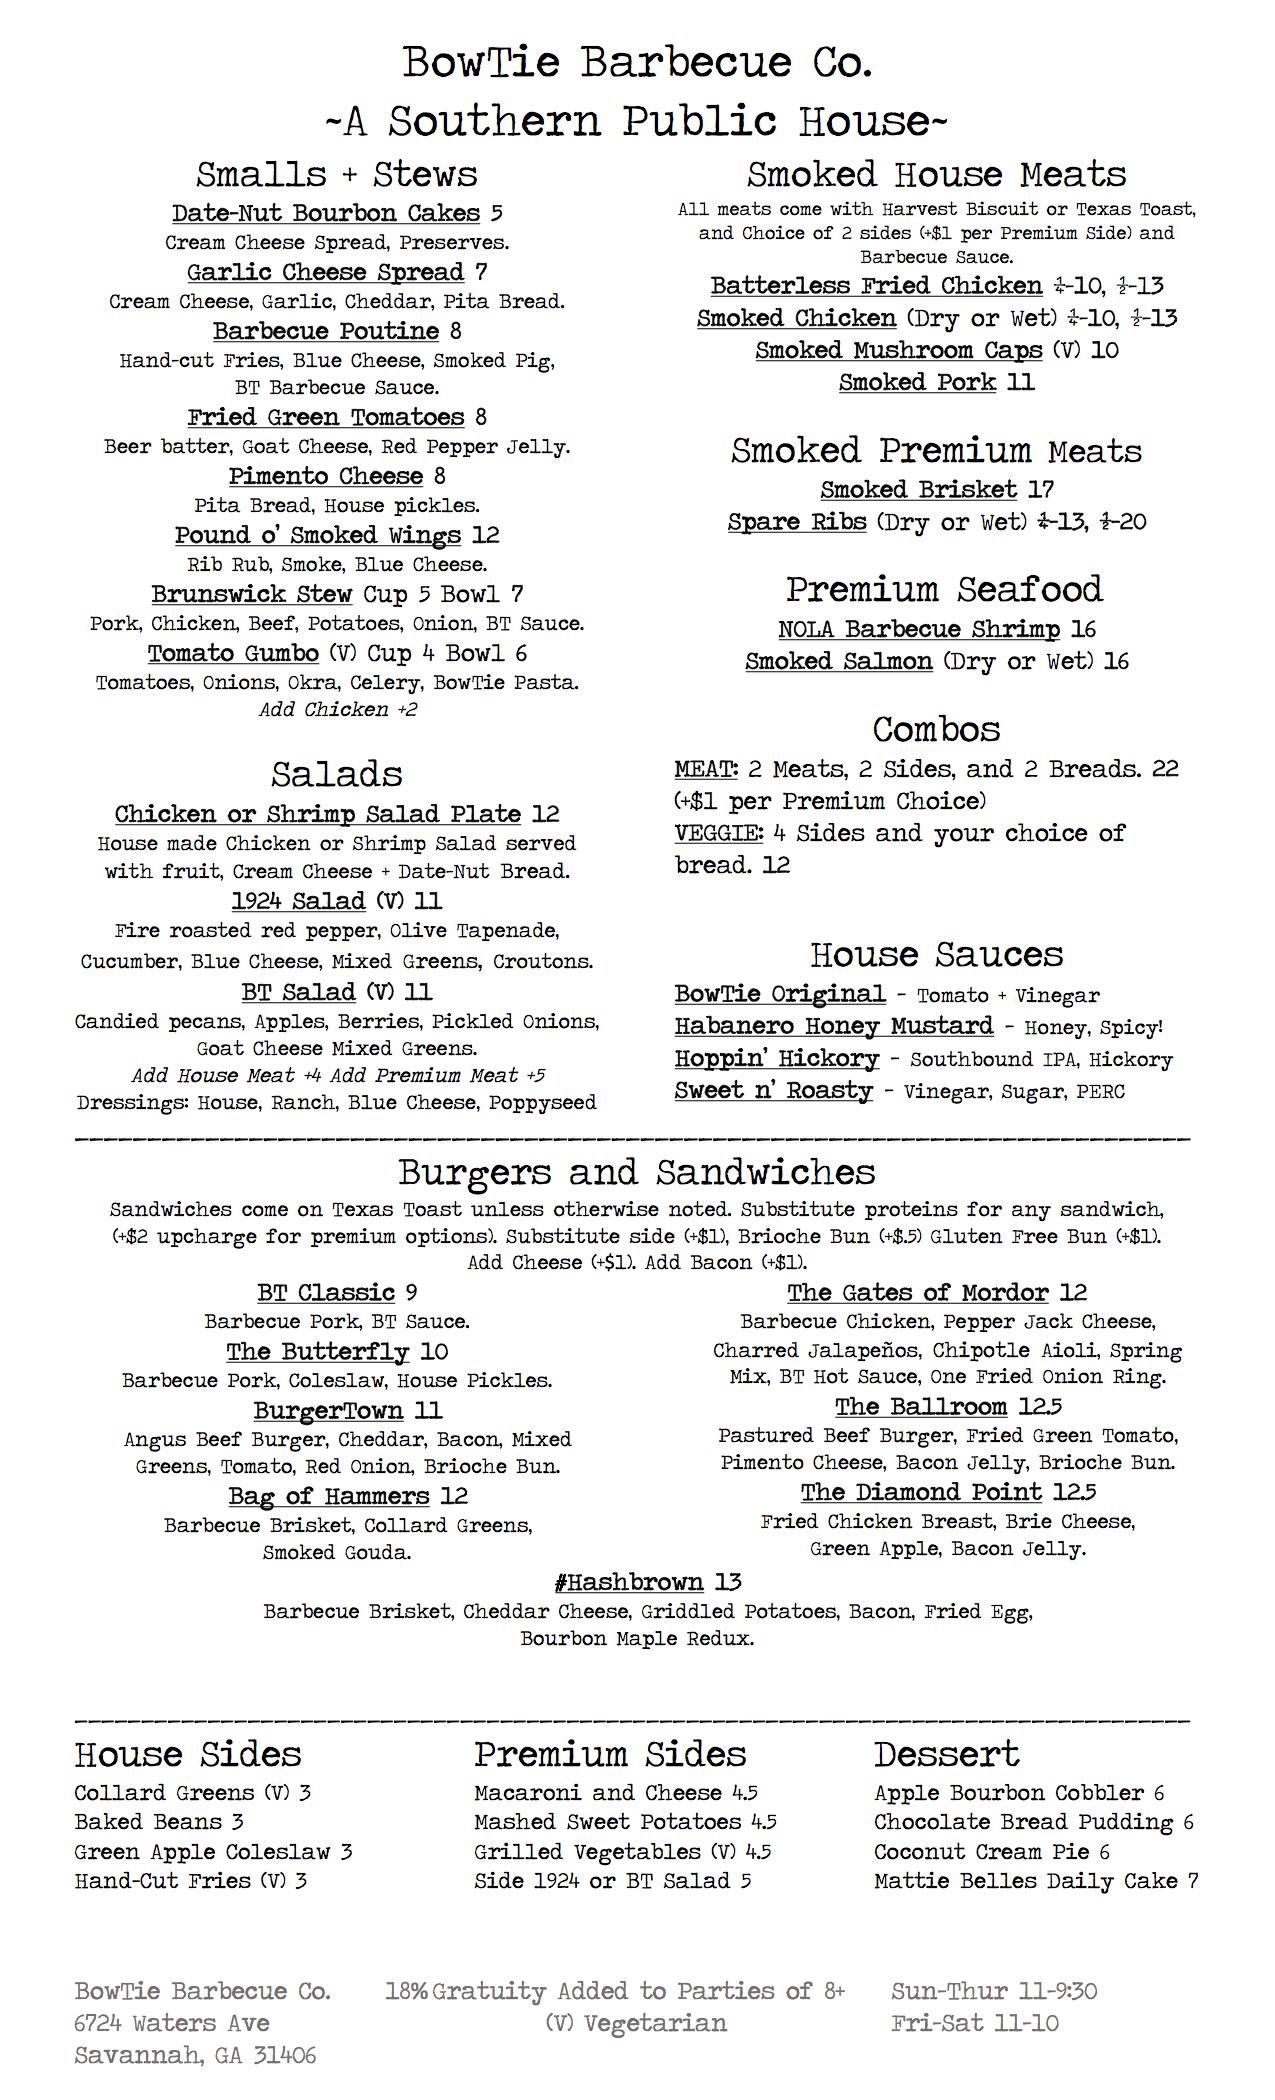 BowTie Barbecue Co. Food Menu - Savannah GA Barbecue